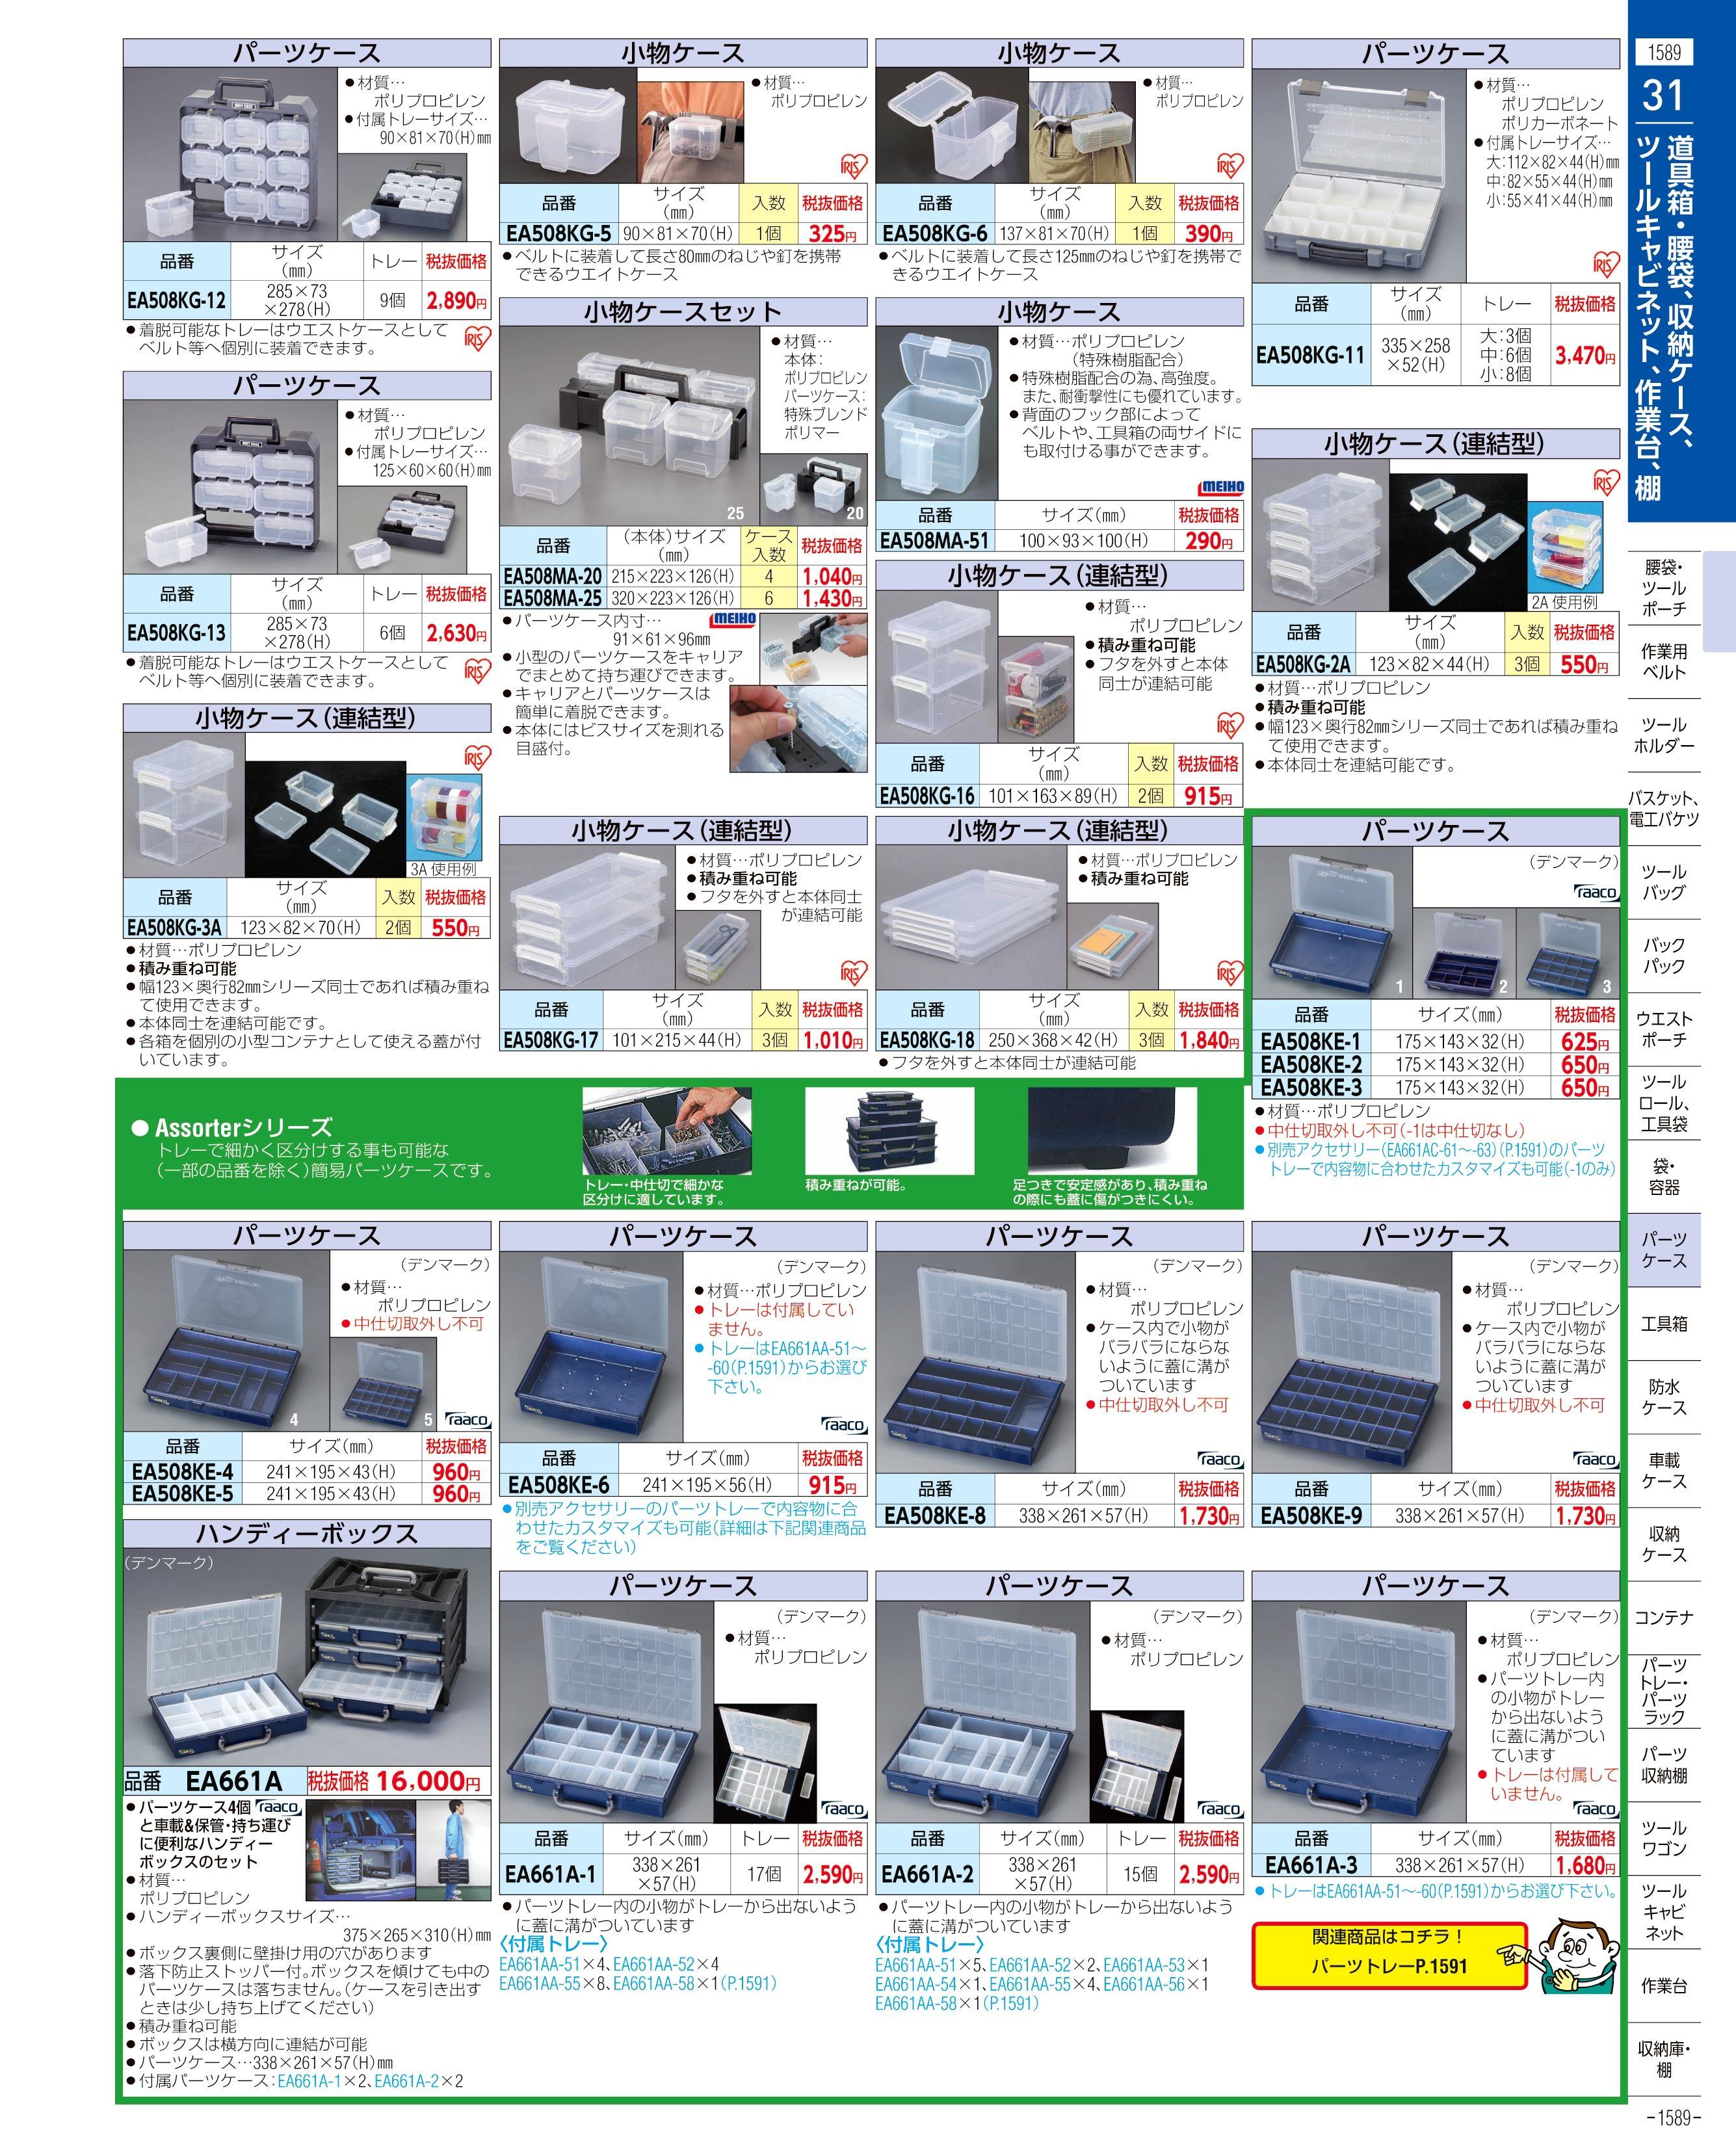 エスコ便利カタログ1589ページ